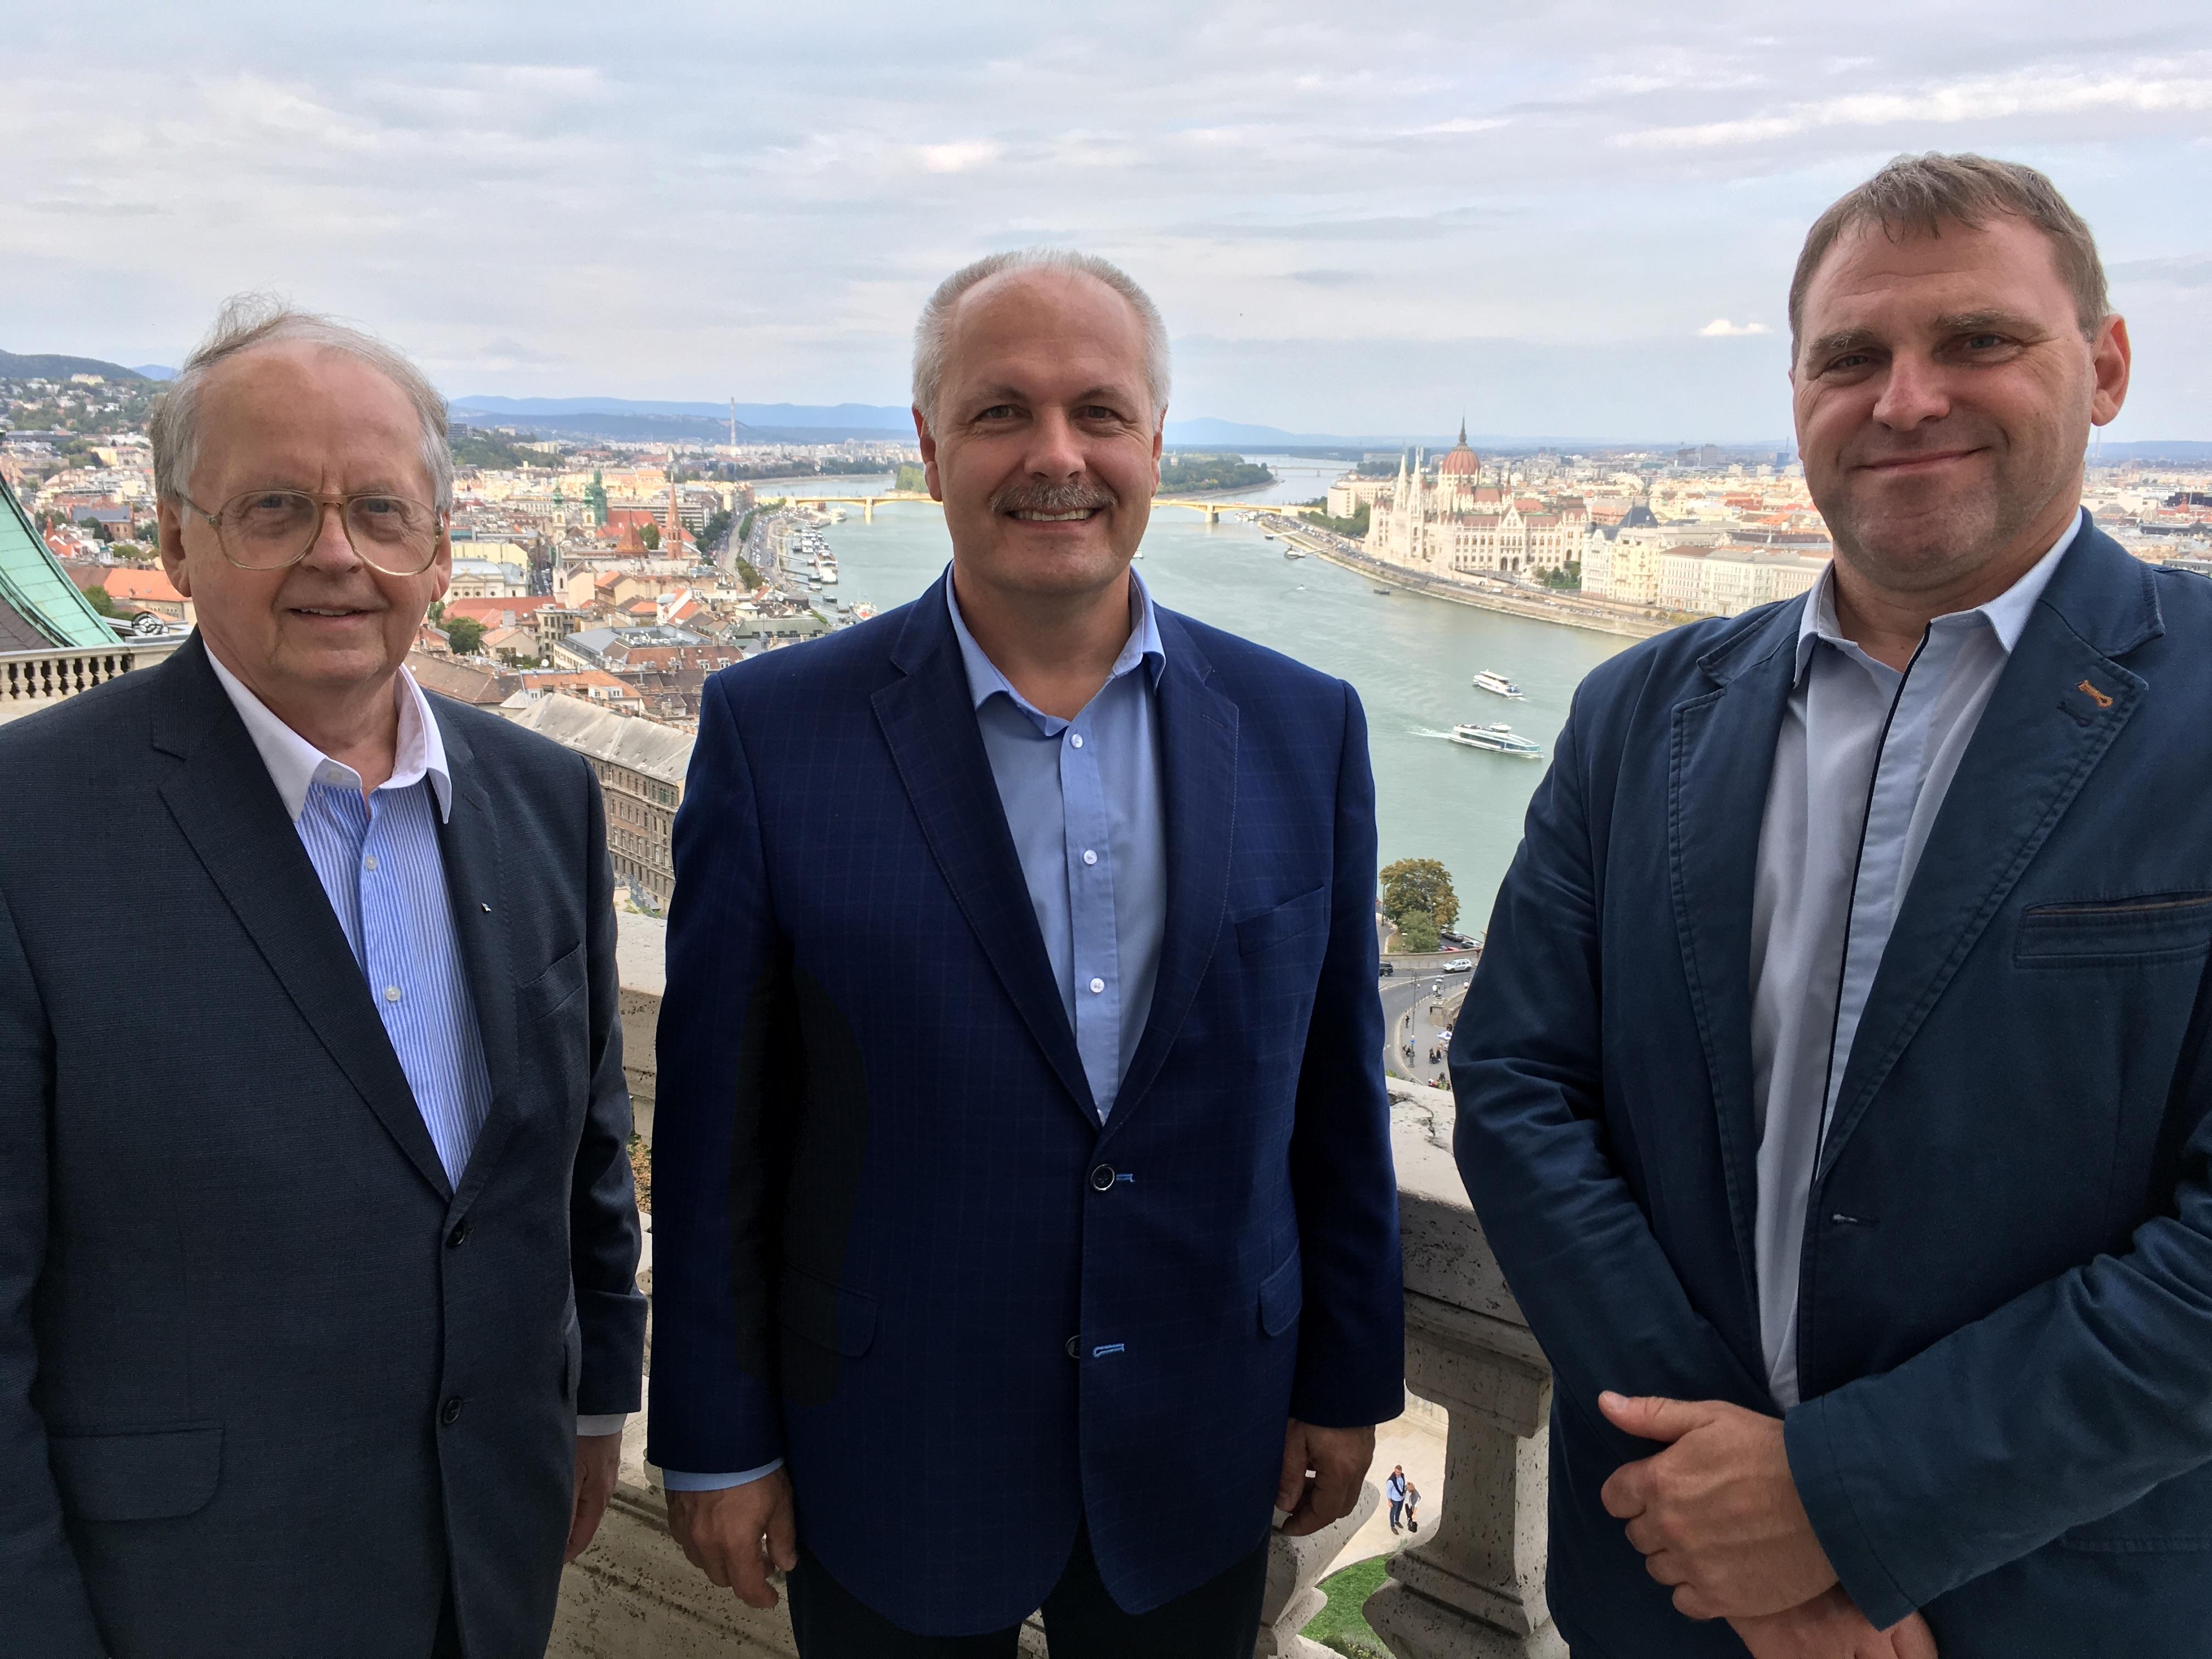 Riigikogu esimees arutas Ungari presidendiga kliimaneutraalsuse väljakutseid